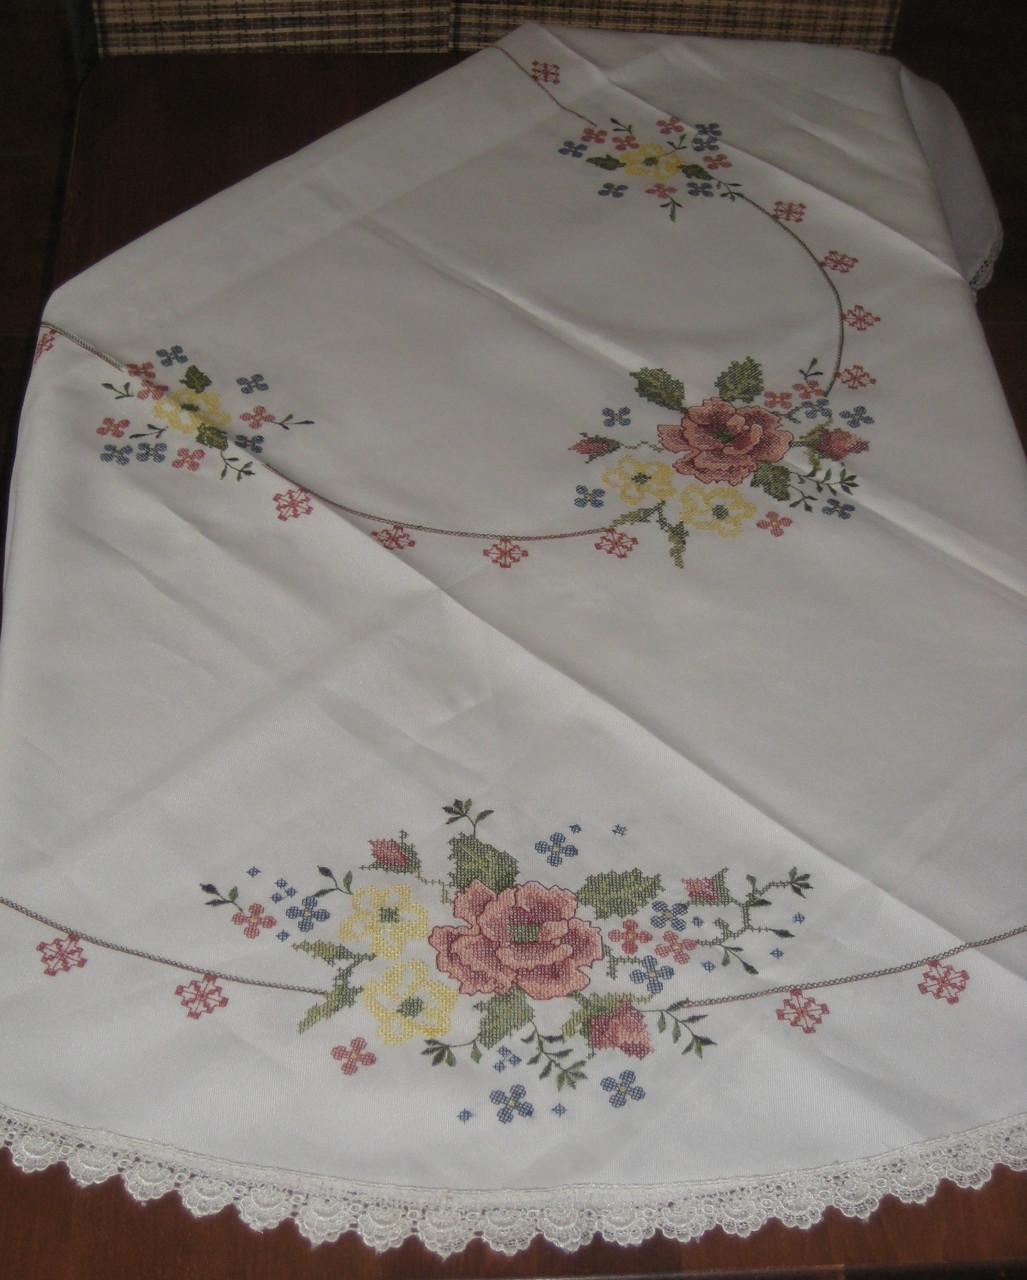 Біла скатертина оздоблена яскравою вишивкою хрестиком